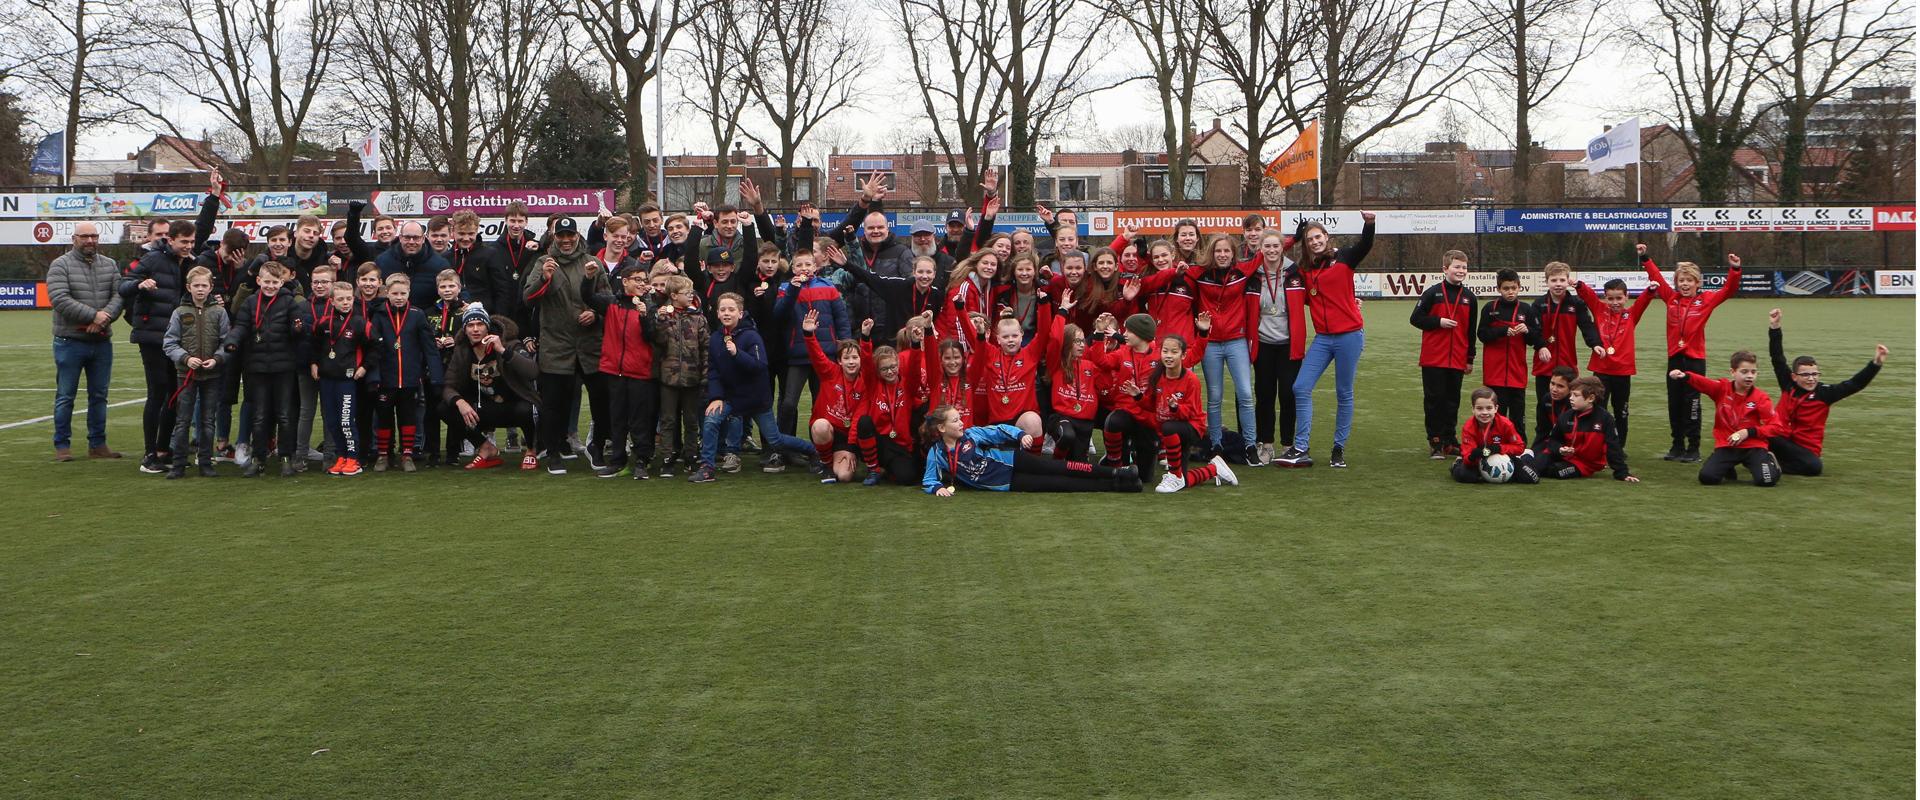 Permalink to: 15-02-2020: Pupil van de week Sven Koppenol, team van de maand JO13-2, huldiging winterkampioenen Door Jolanda van het Kaar